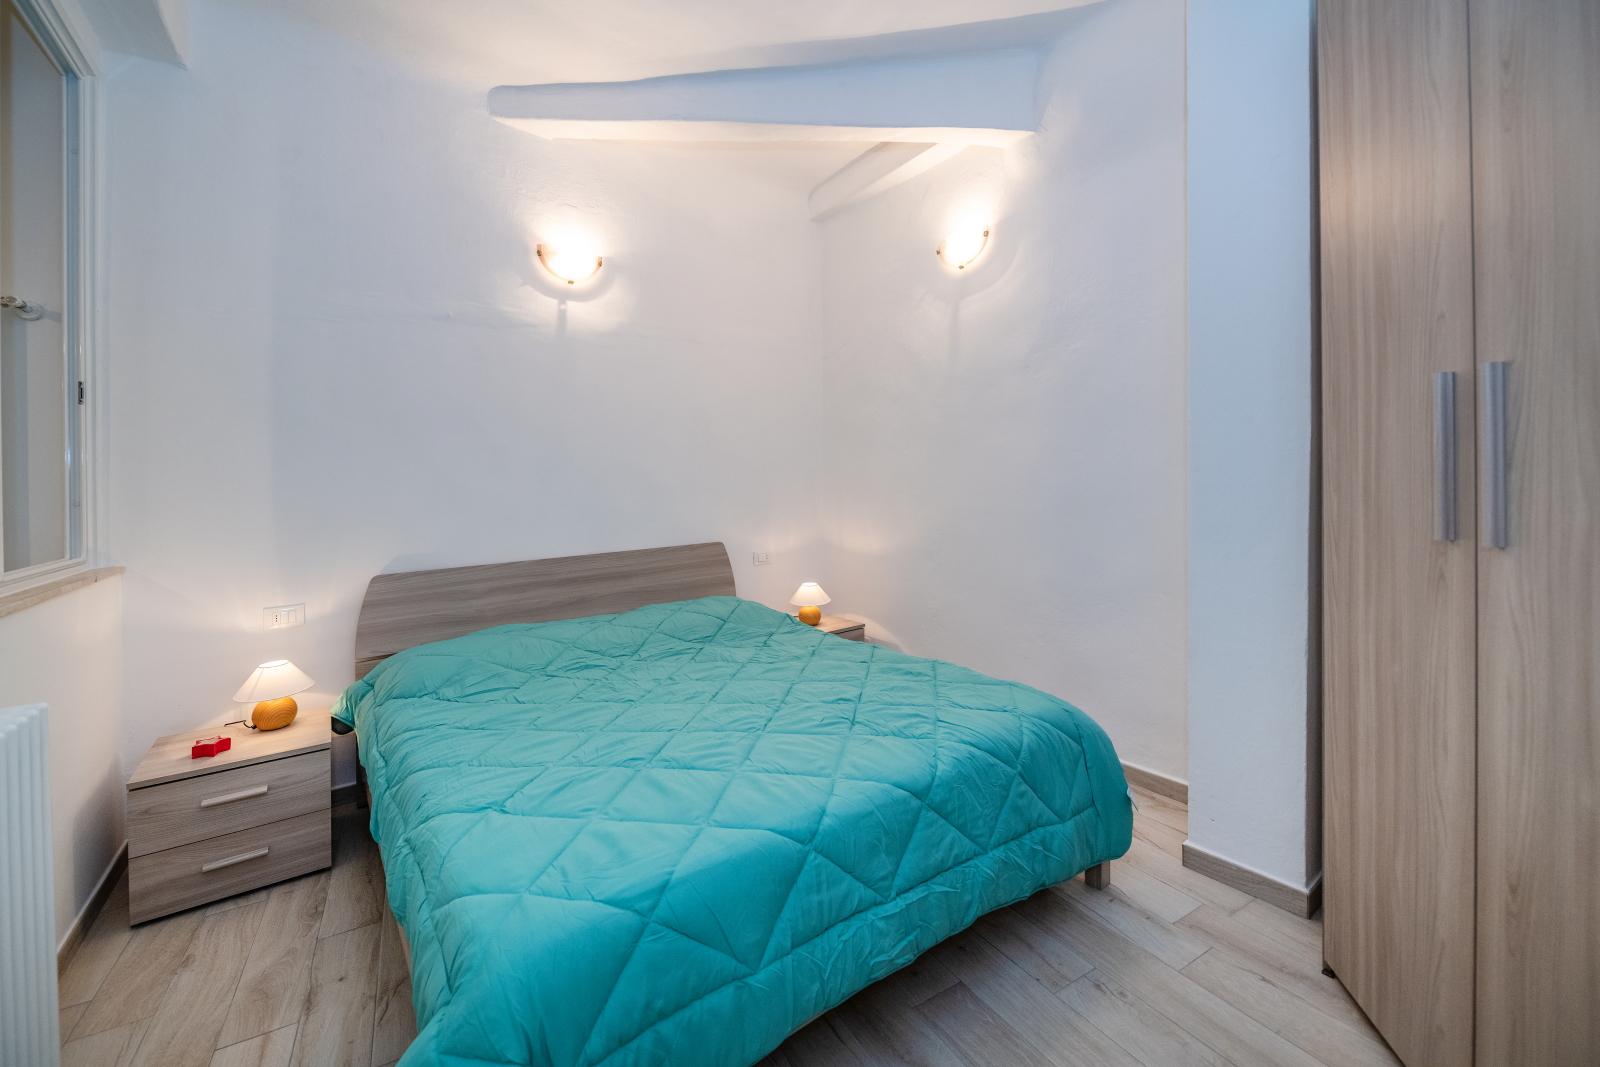 Letti A Castello Finalborgo.La Bacicina La Casa A Finalborgo Apartments For Rent In Finale